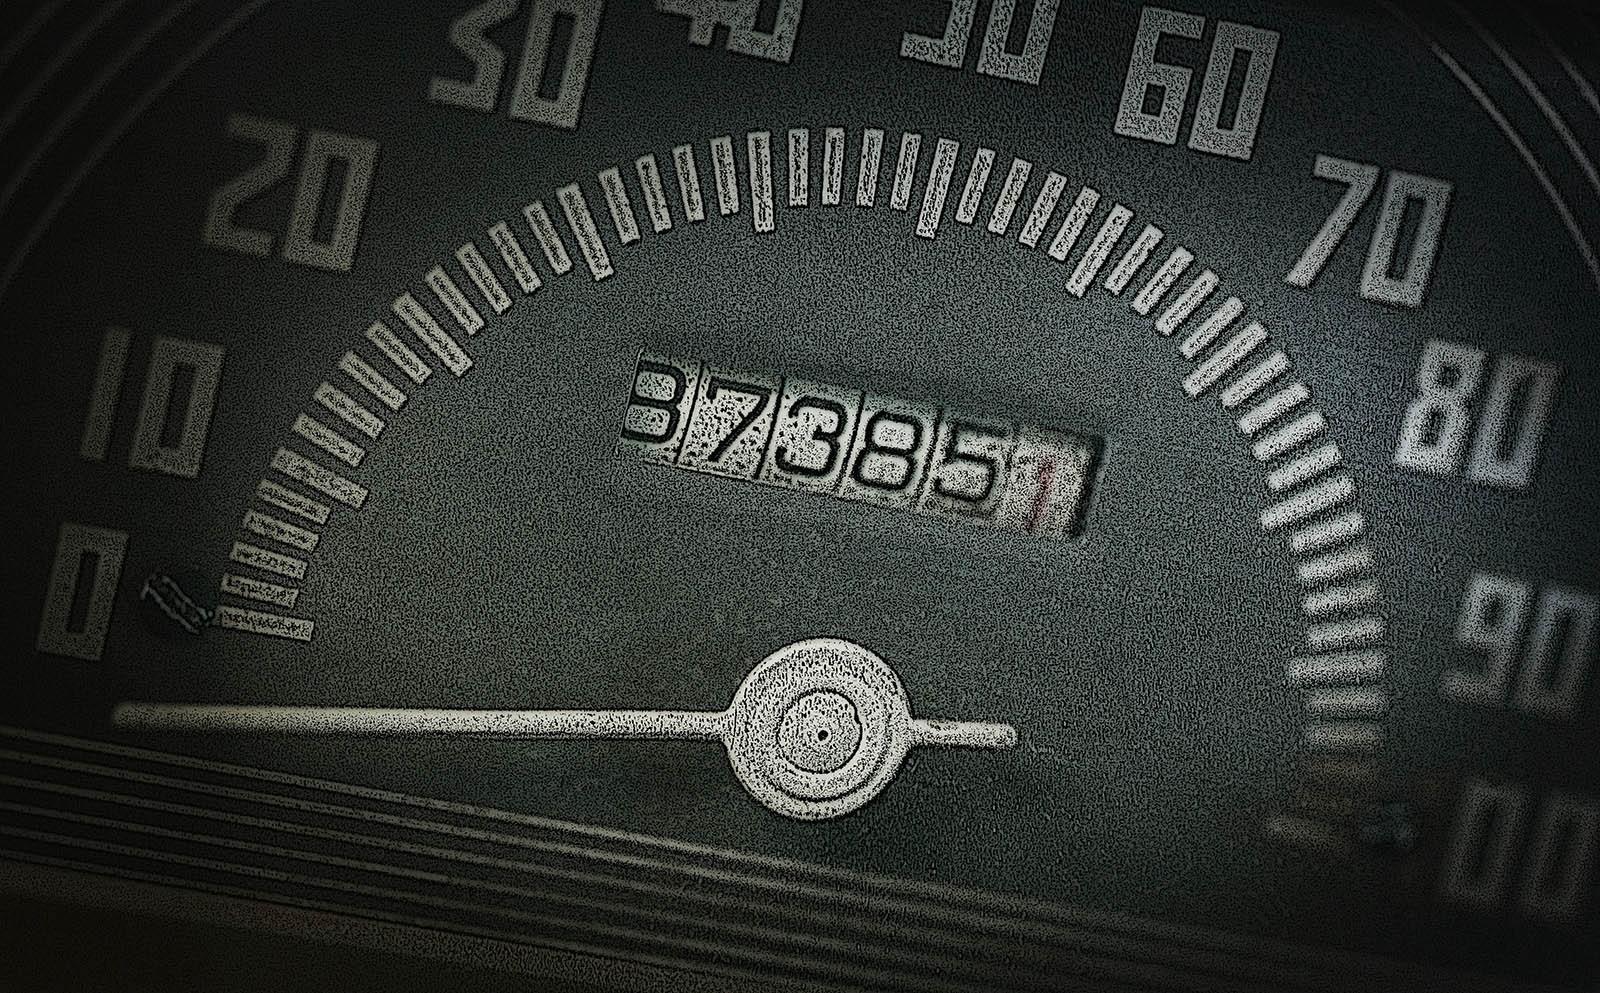 Automama: 55% автомобилей на вторичном рынке – со «скрученным» пробегом